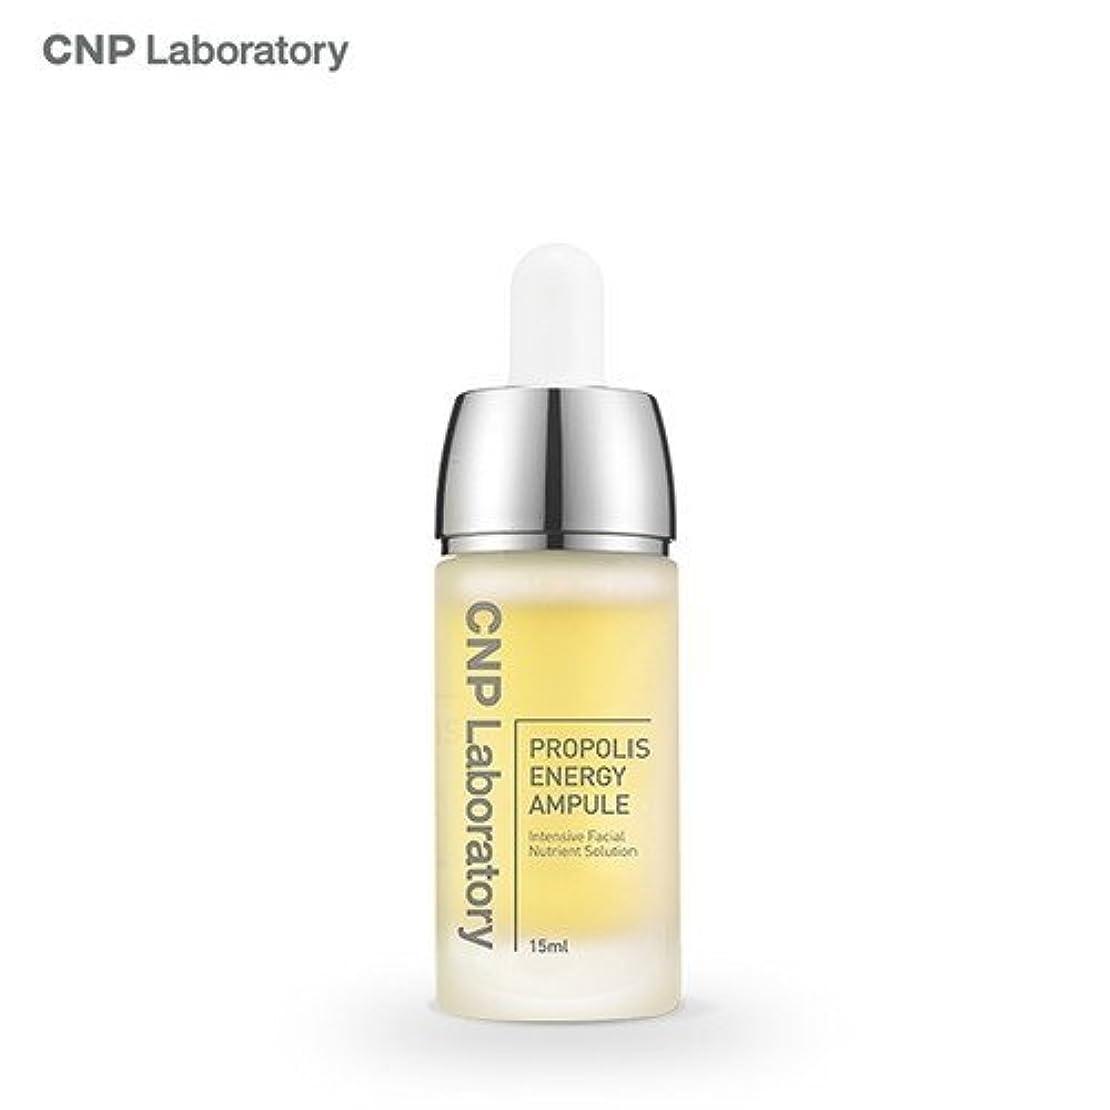 学習者騒々しいメロンチャエンパク プロポリスエネルギーアンプル 15ml / CNP Propolis Energy Ampule, Intensive Facial Nutrient Solution 15ml